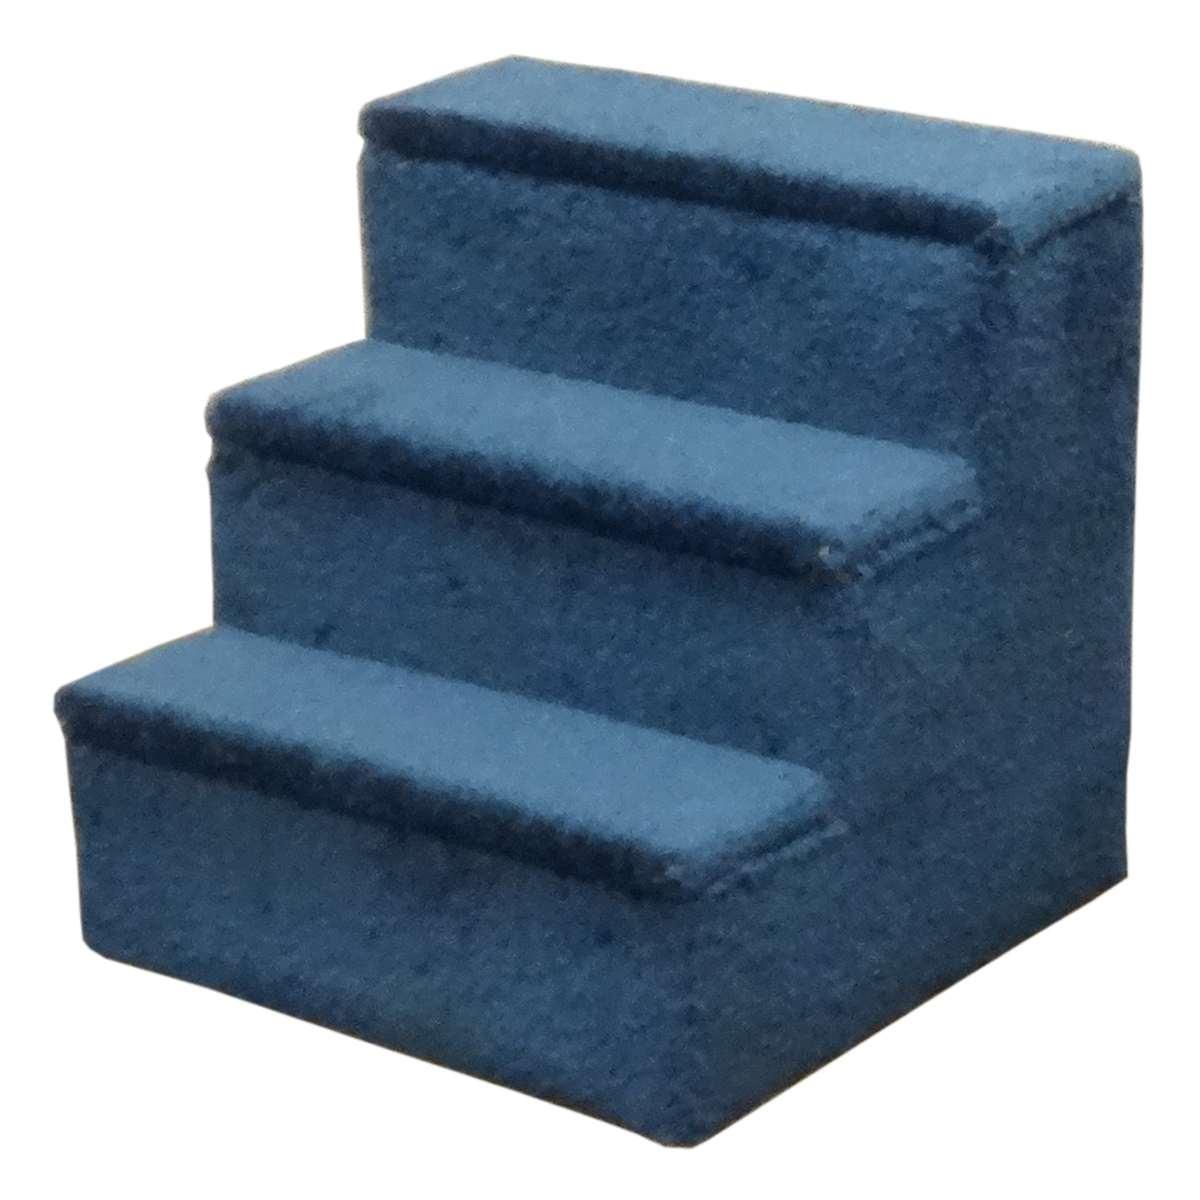 110022-blue-cutout.jpg